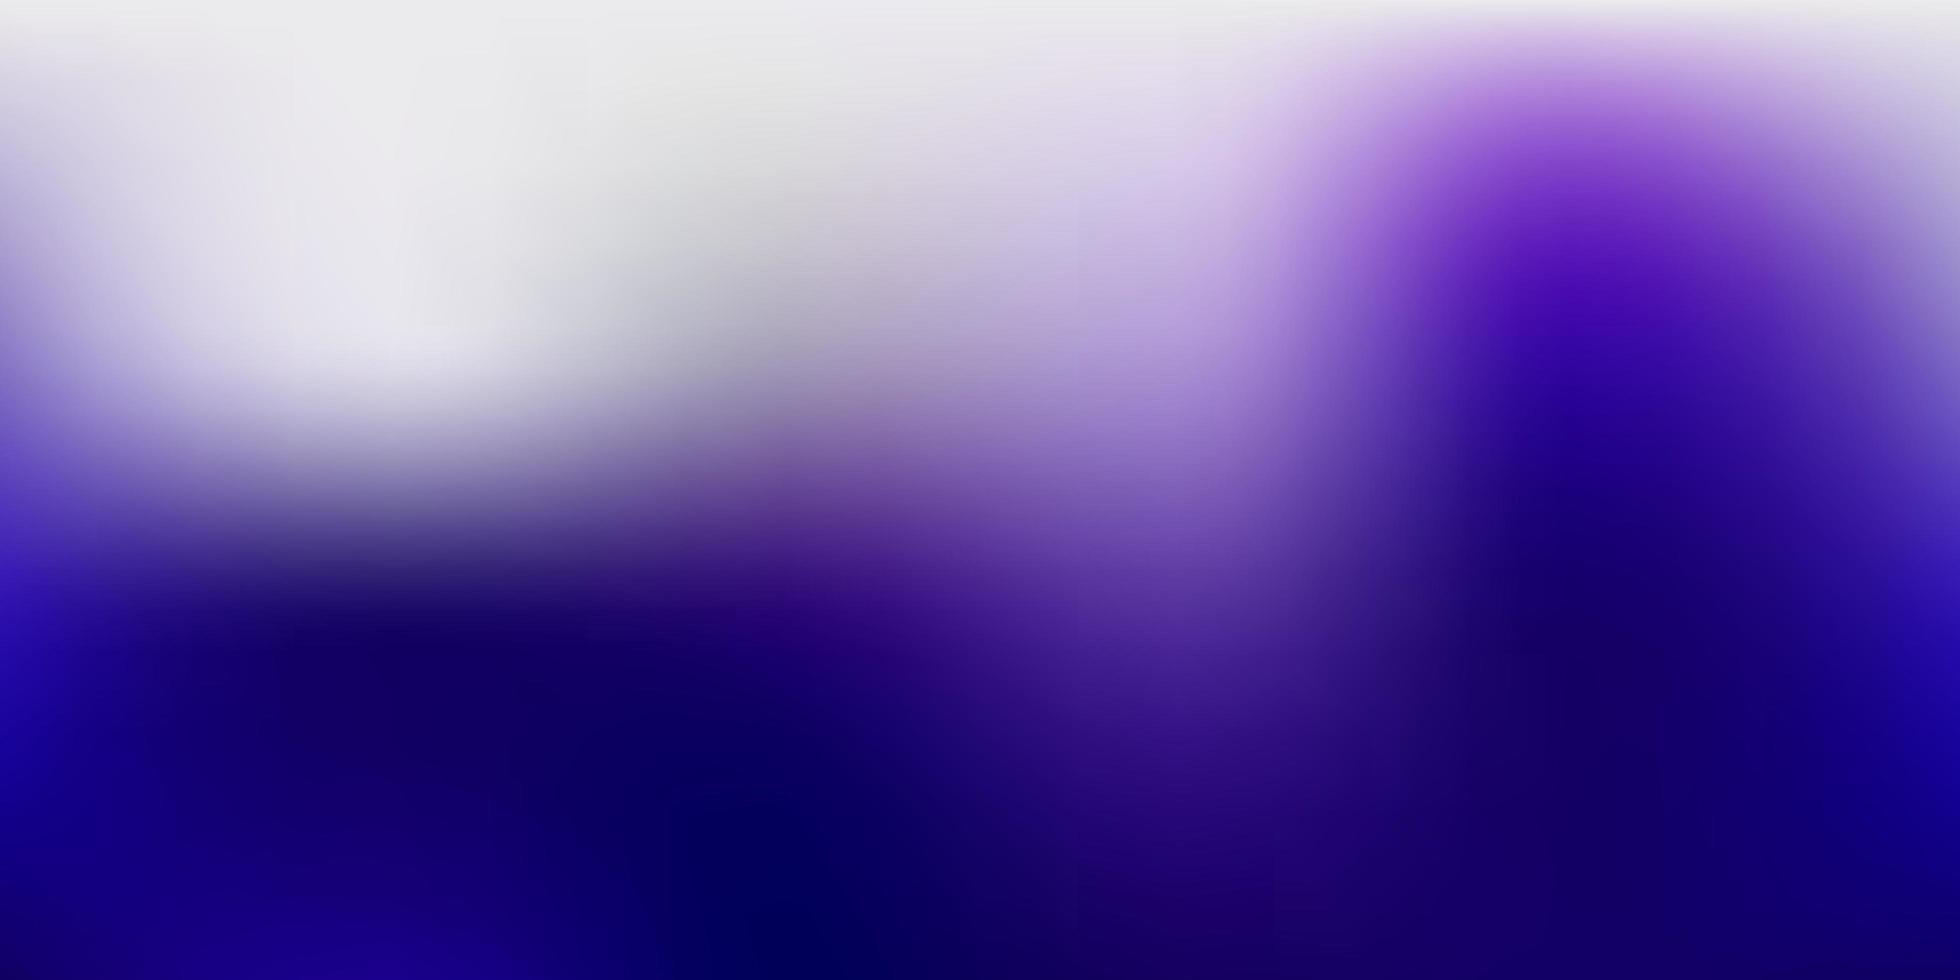 textura turva vector roxo escuro.